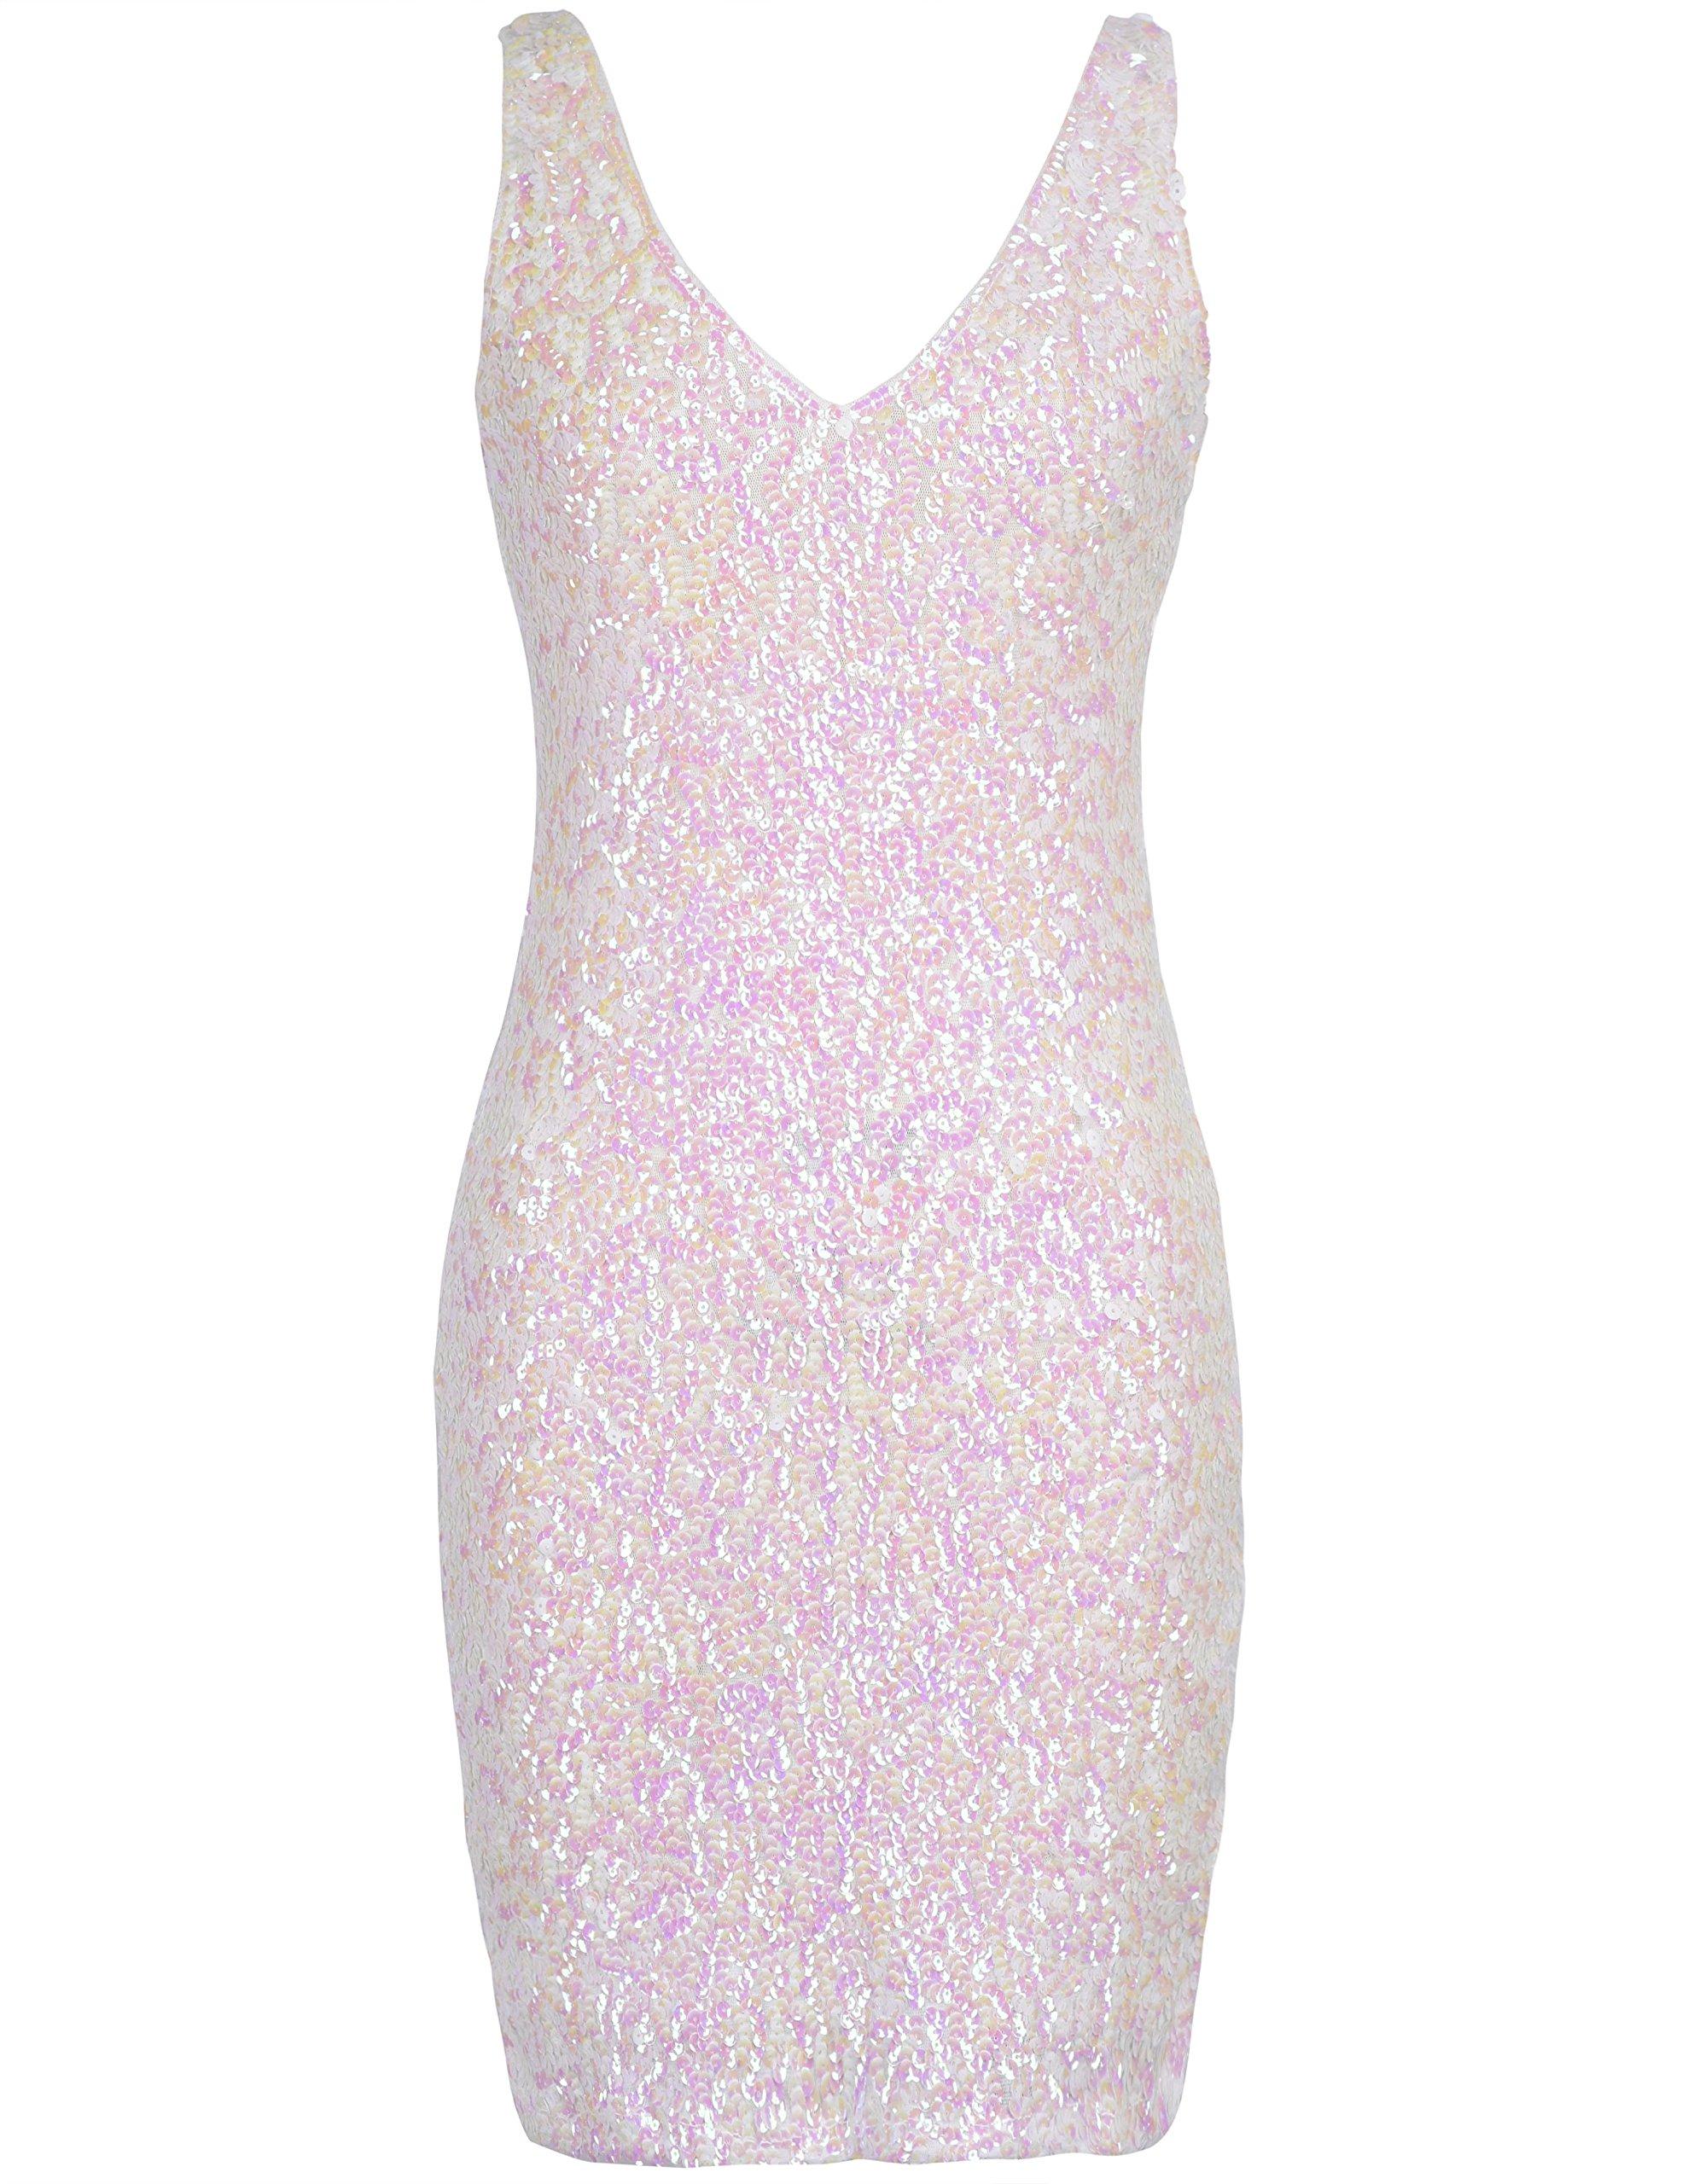 PrettyGuide Women Sexy Deep V Neck Sequin Glitter Bodycon Stretchy Mini  Party Dress (White) 44ec879a2